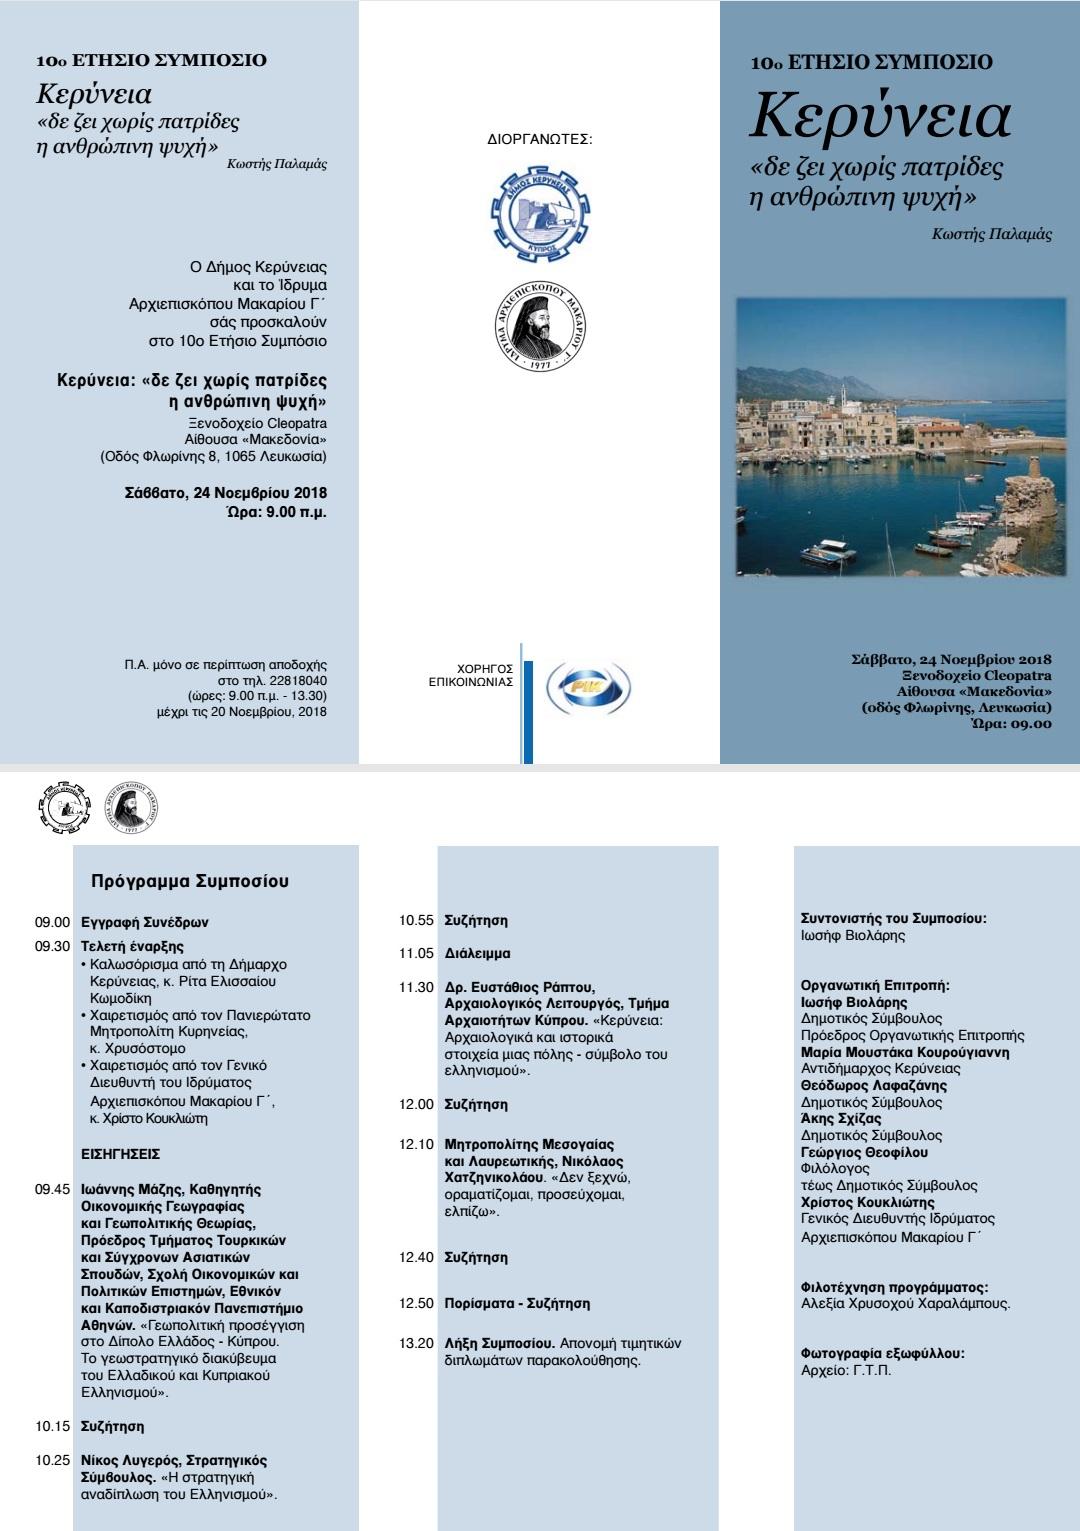 Ομιλία: Η στρατηγική αναδίπλωση του Ελληνισμού